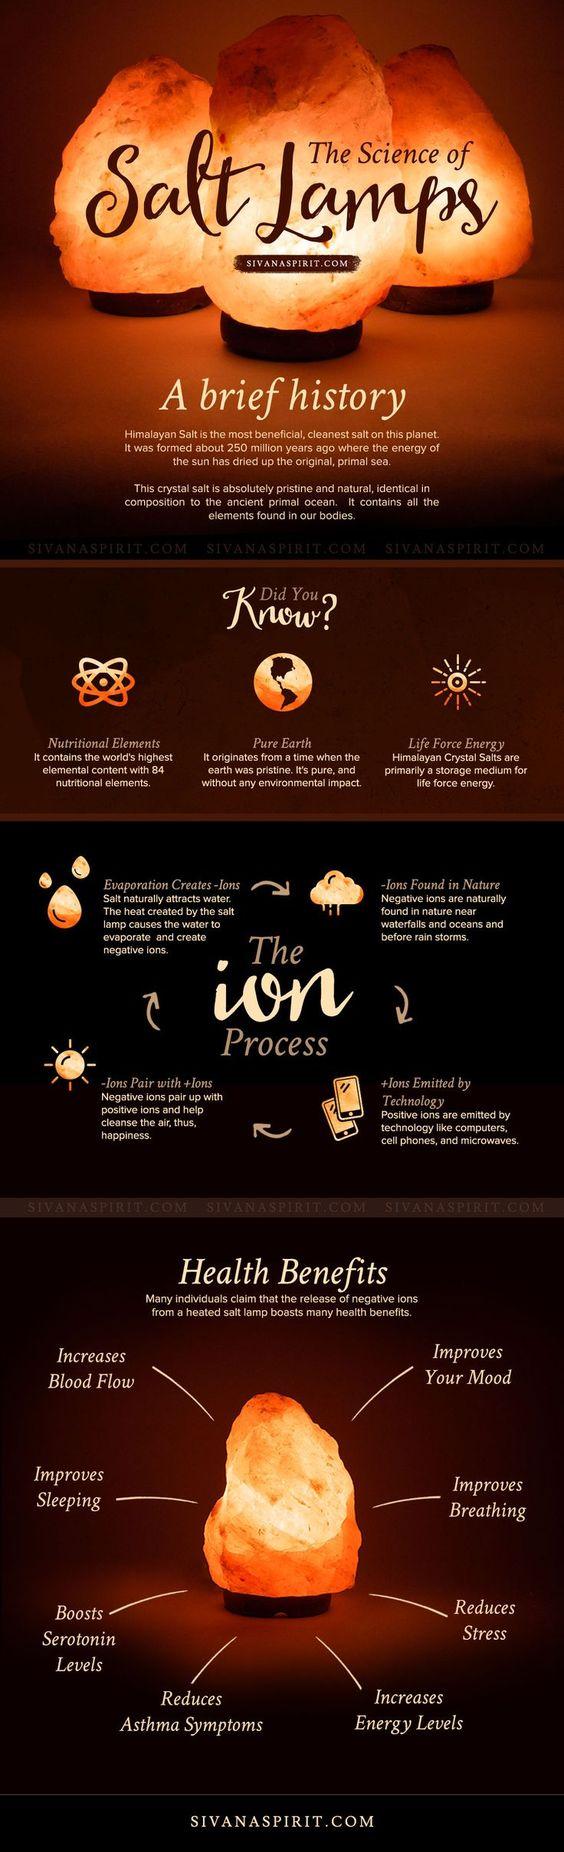 The Science of Himalayan Salt Lamps